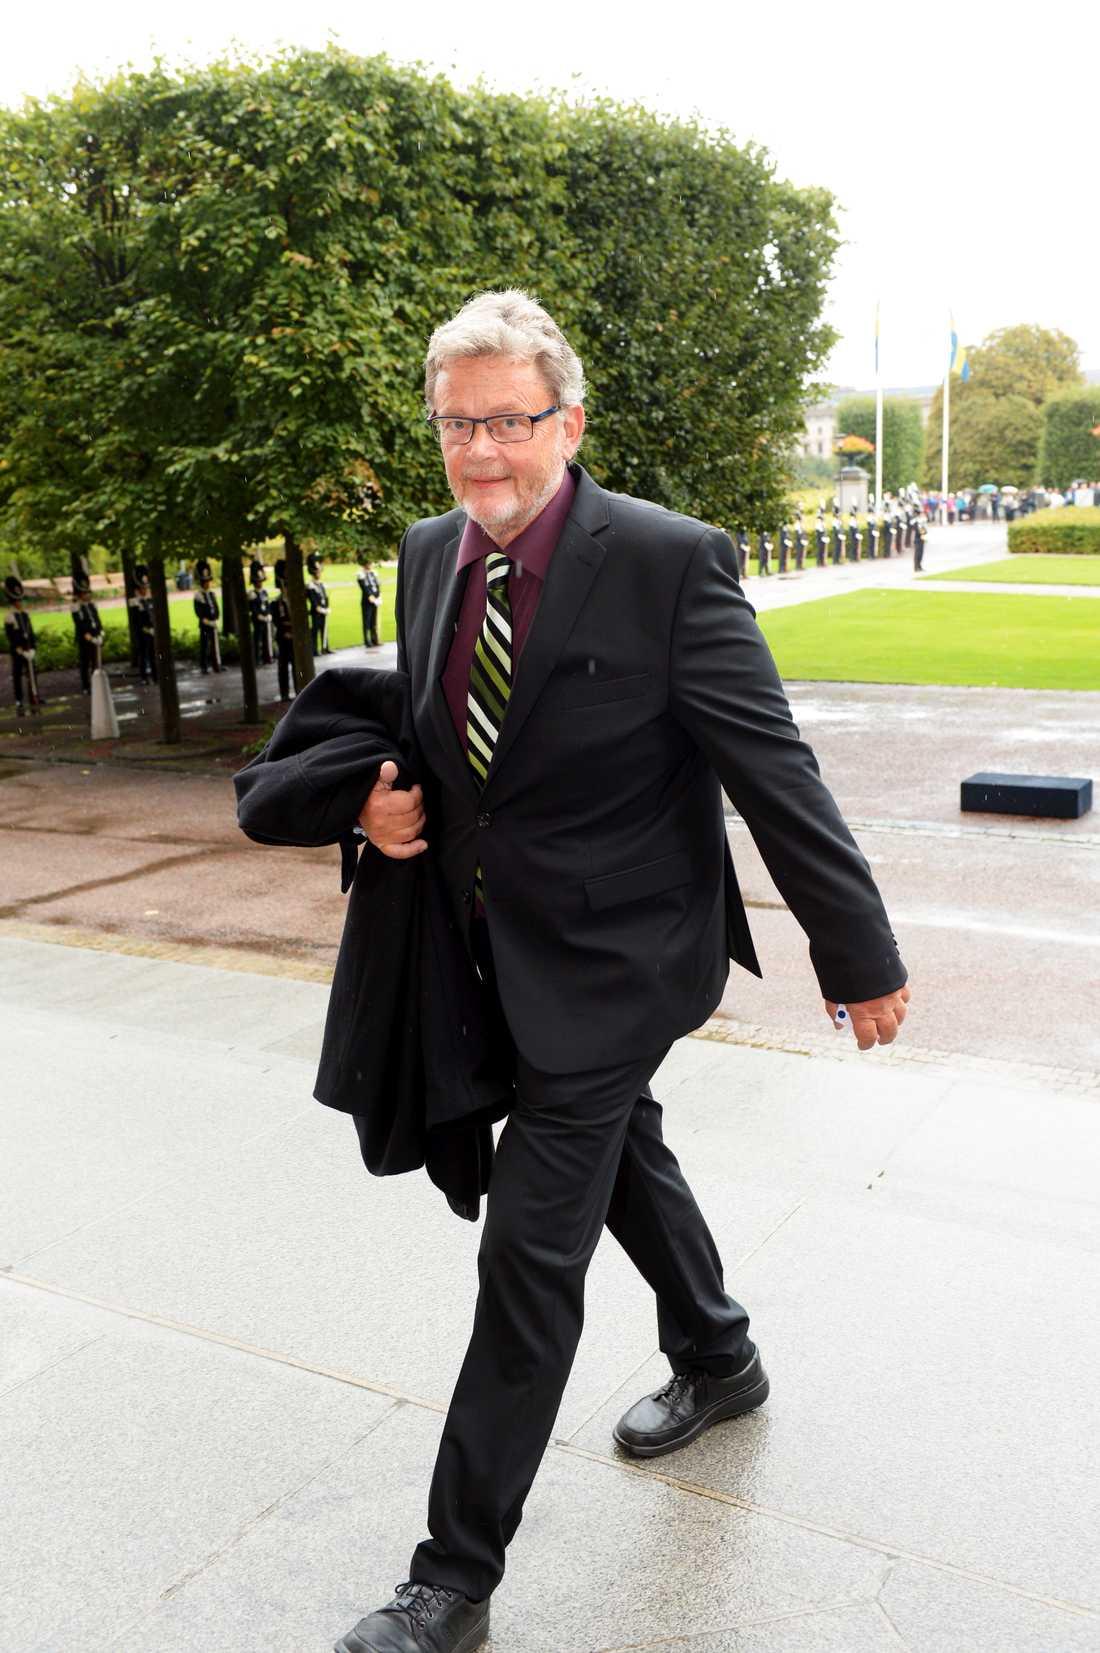 Före detta språkröret Birger Schlaug kräver att MP:s språkrör Fridolin och Lövin agerar.